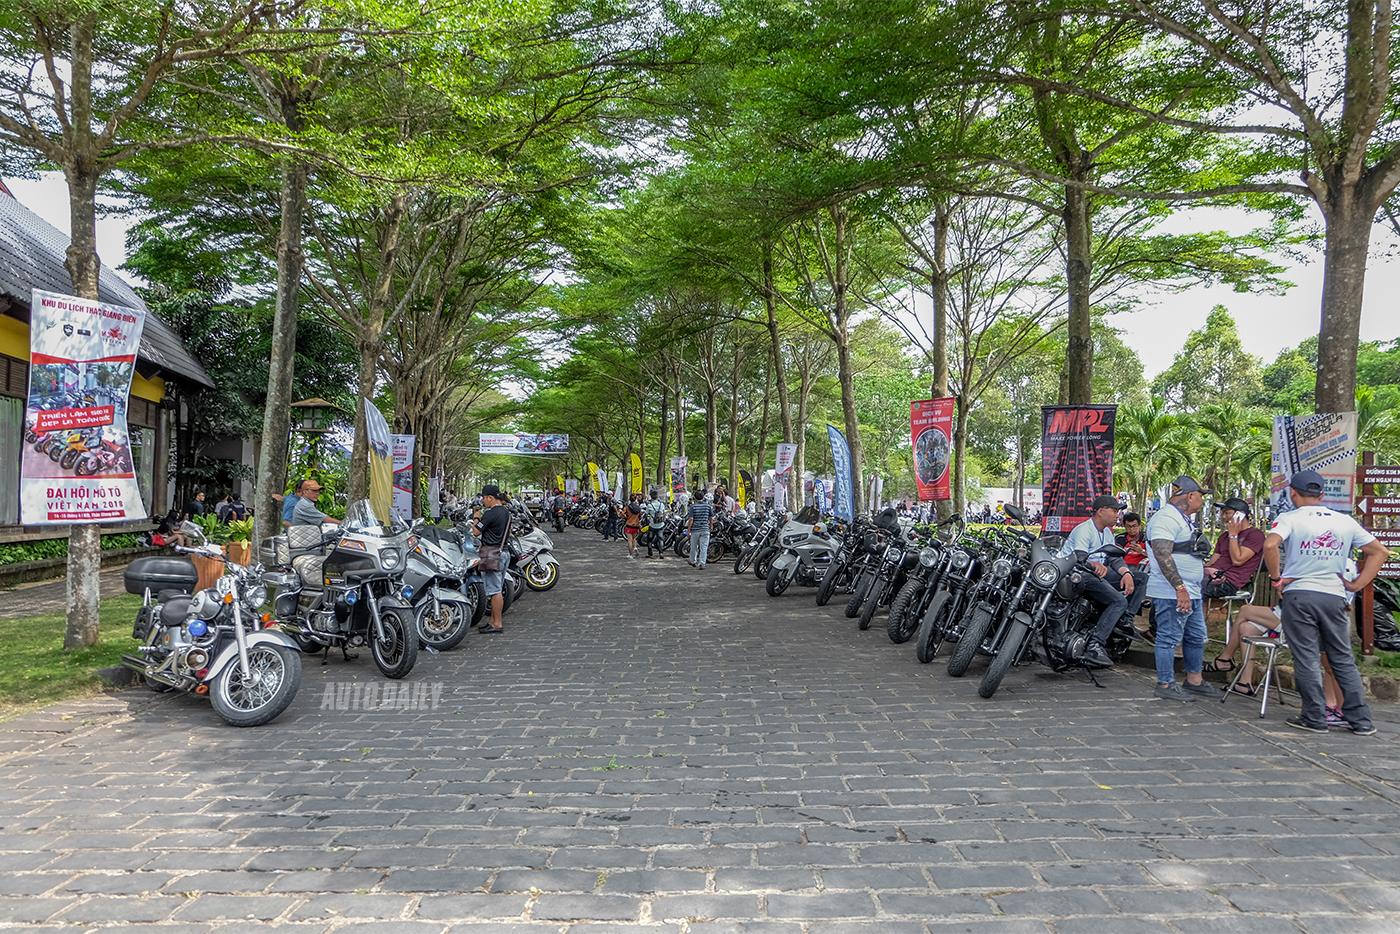 vietnam-motor-festival-2018-7.jpg